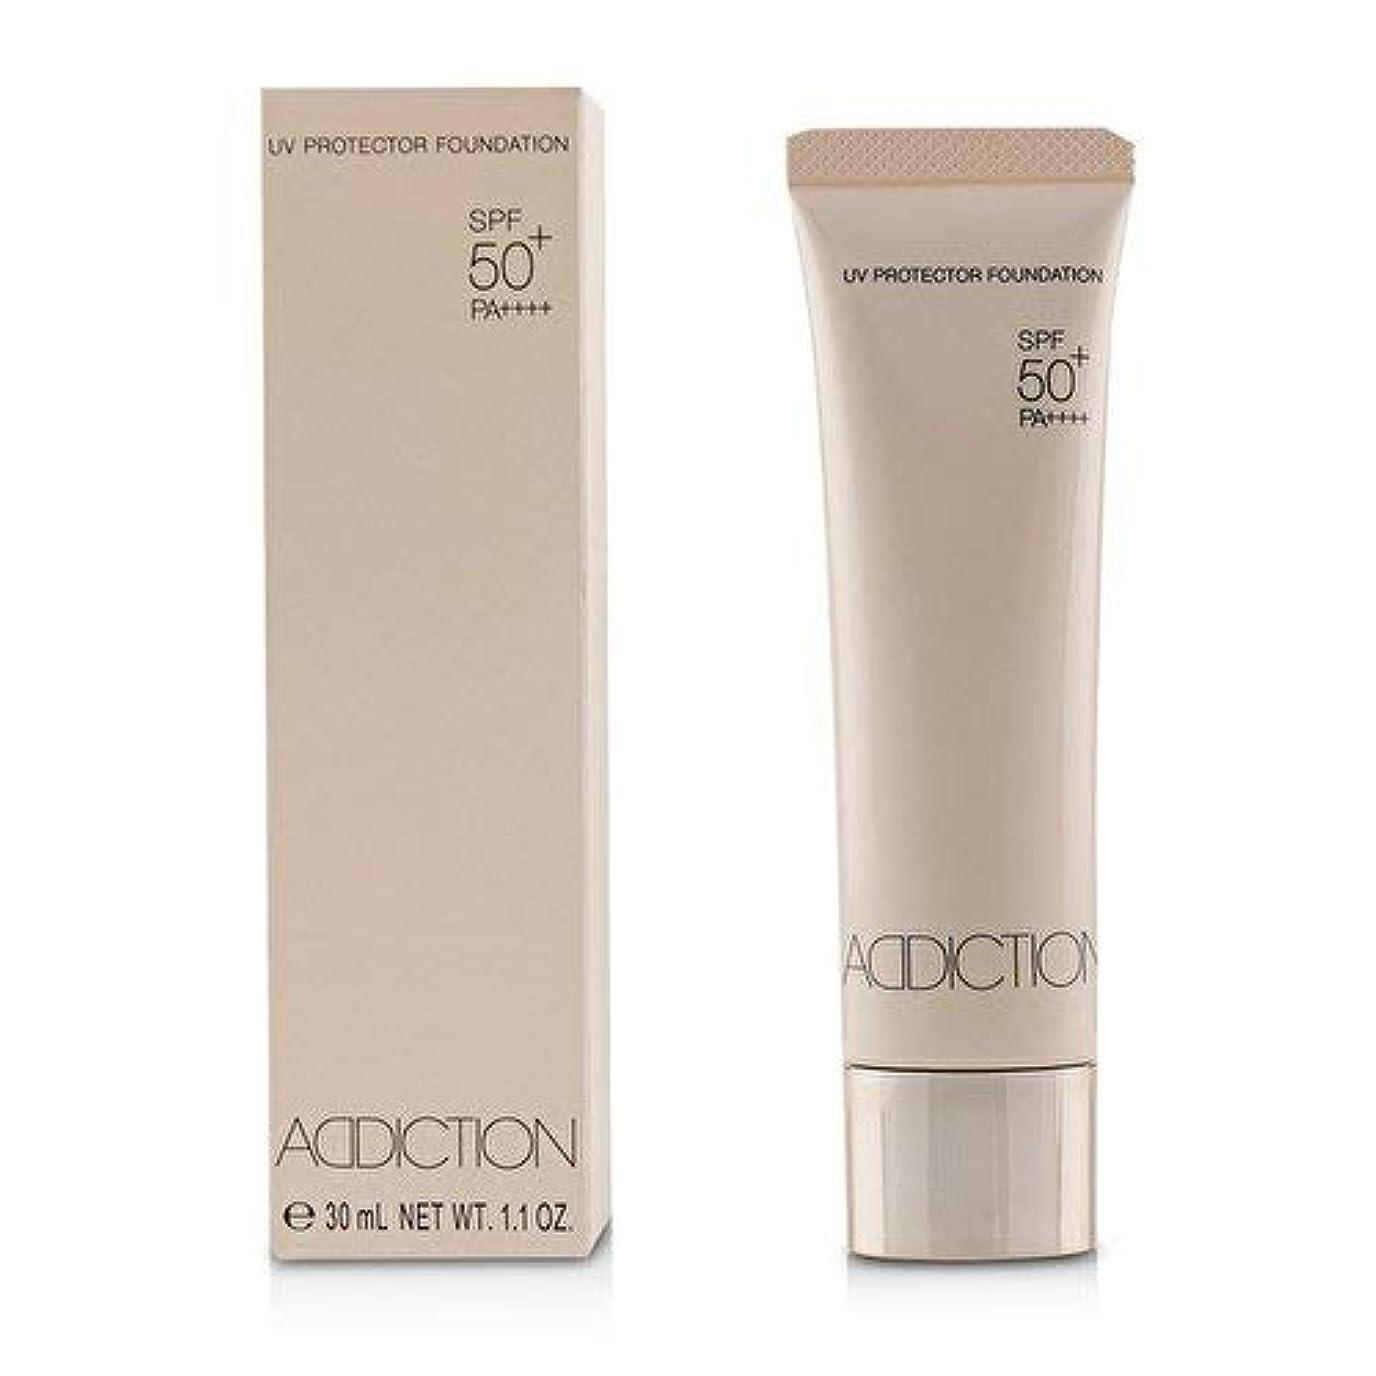 スピーカー暗くする阻害するアディクション UVプロテクターファンデーション # 005 (Nude Ivory)